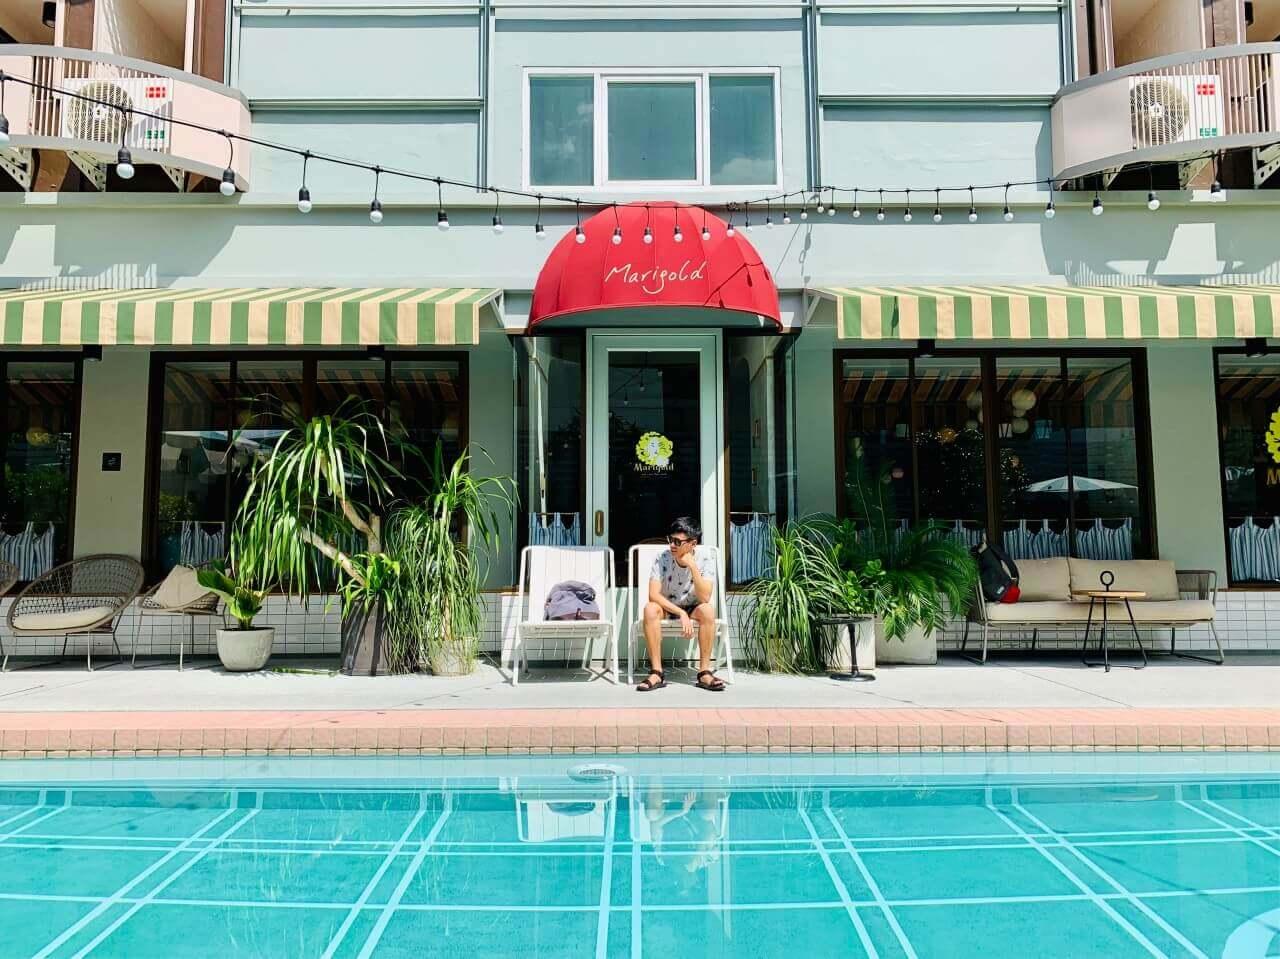 【曼谷住宿推薦】Josh Hotel Ari 復古文青設計旅店,每個角落都是IG網美照